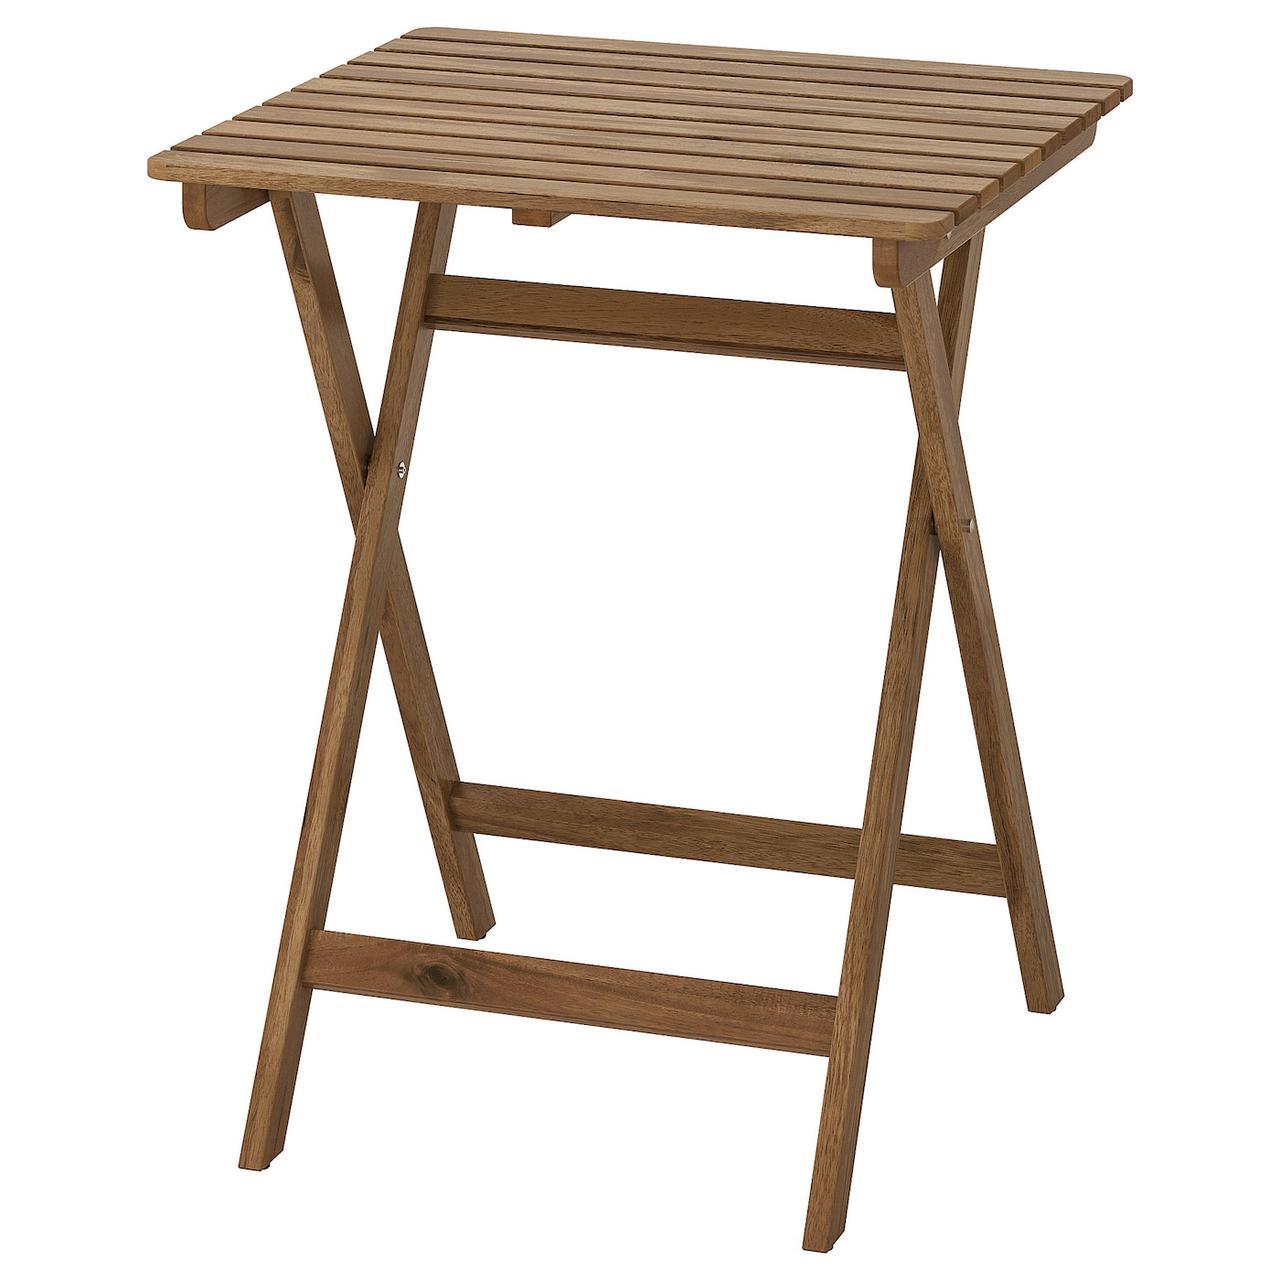 画像1: 【筆者愛用】IKEA(イケア)ウッドテーブルがディレクターチェアとマッチ!テラスでもキャンプでも使い勝手抜群